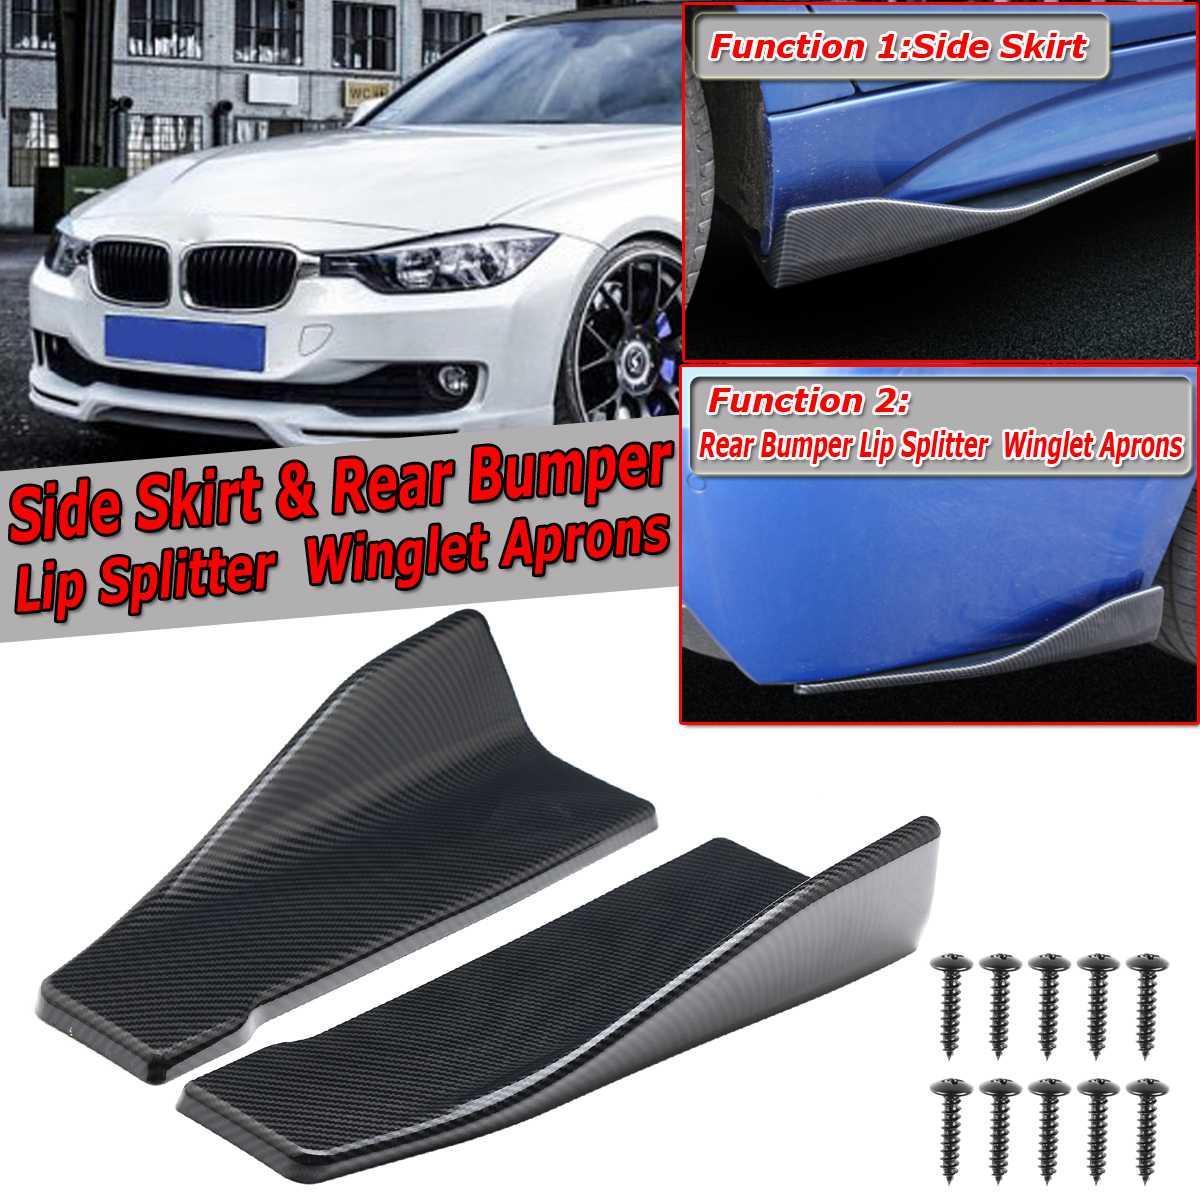 2 pçs 35 cm/48 cm saia lateral do carro universal & amortecedor traseiro difusor spoiler splitter lábio winglet aventais de fibra carbono para benz para bmw